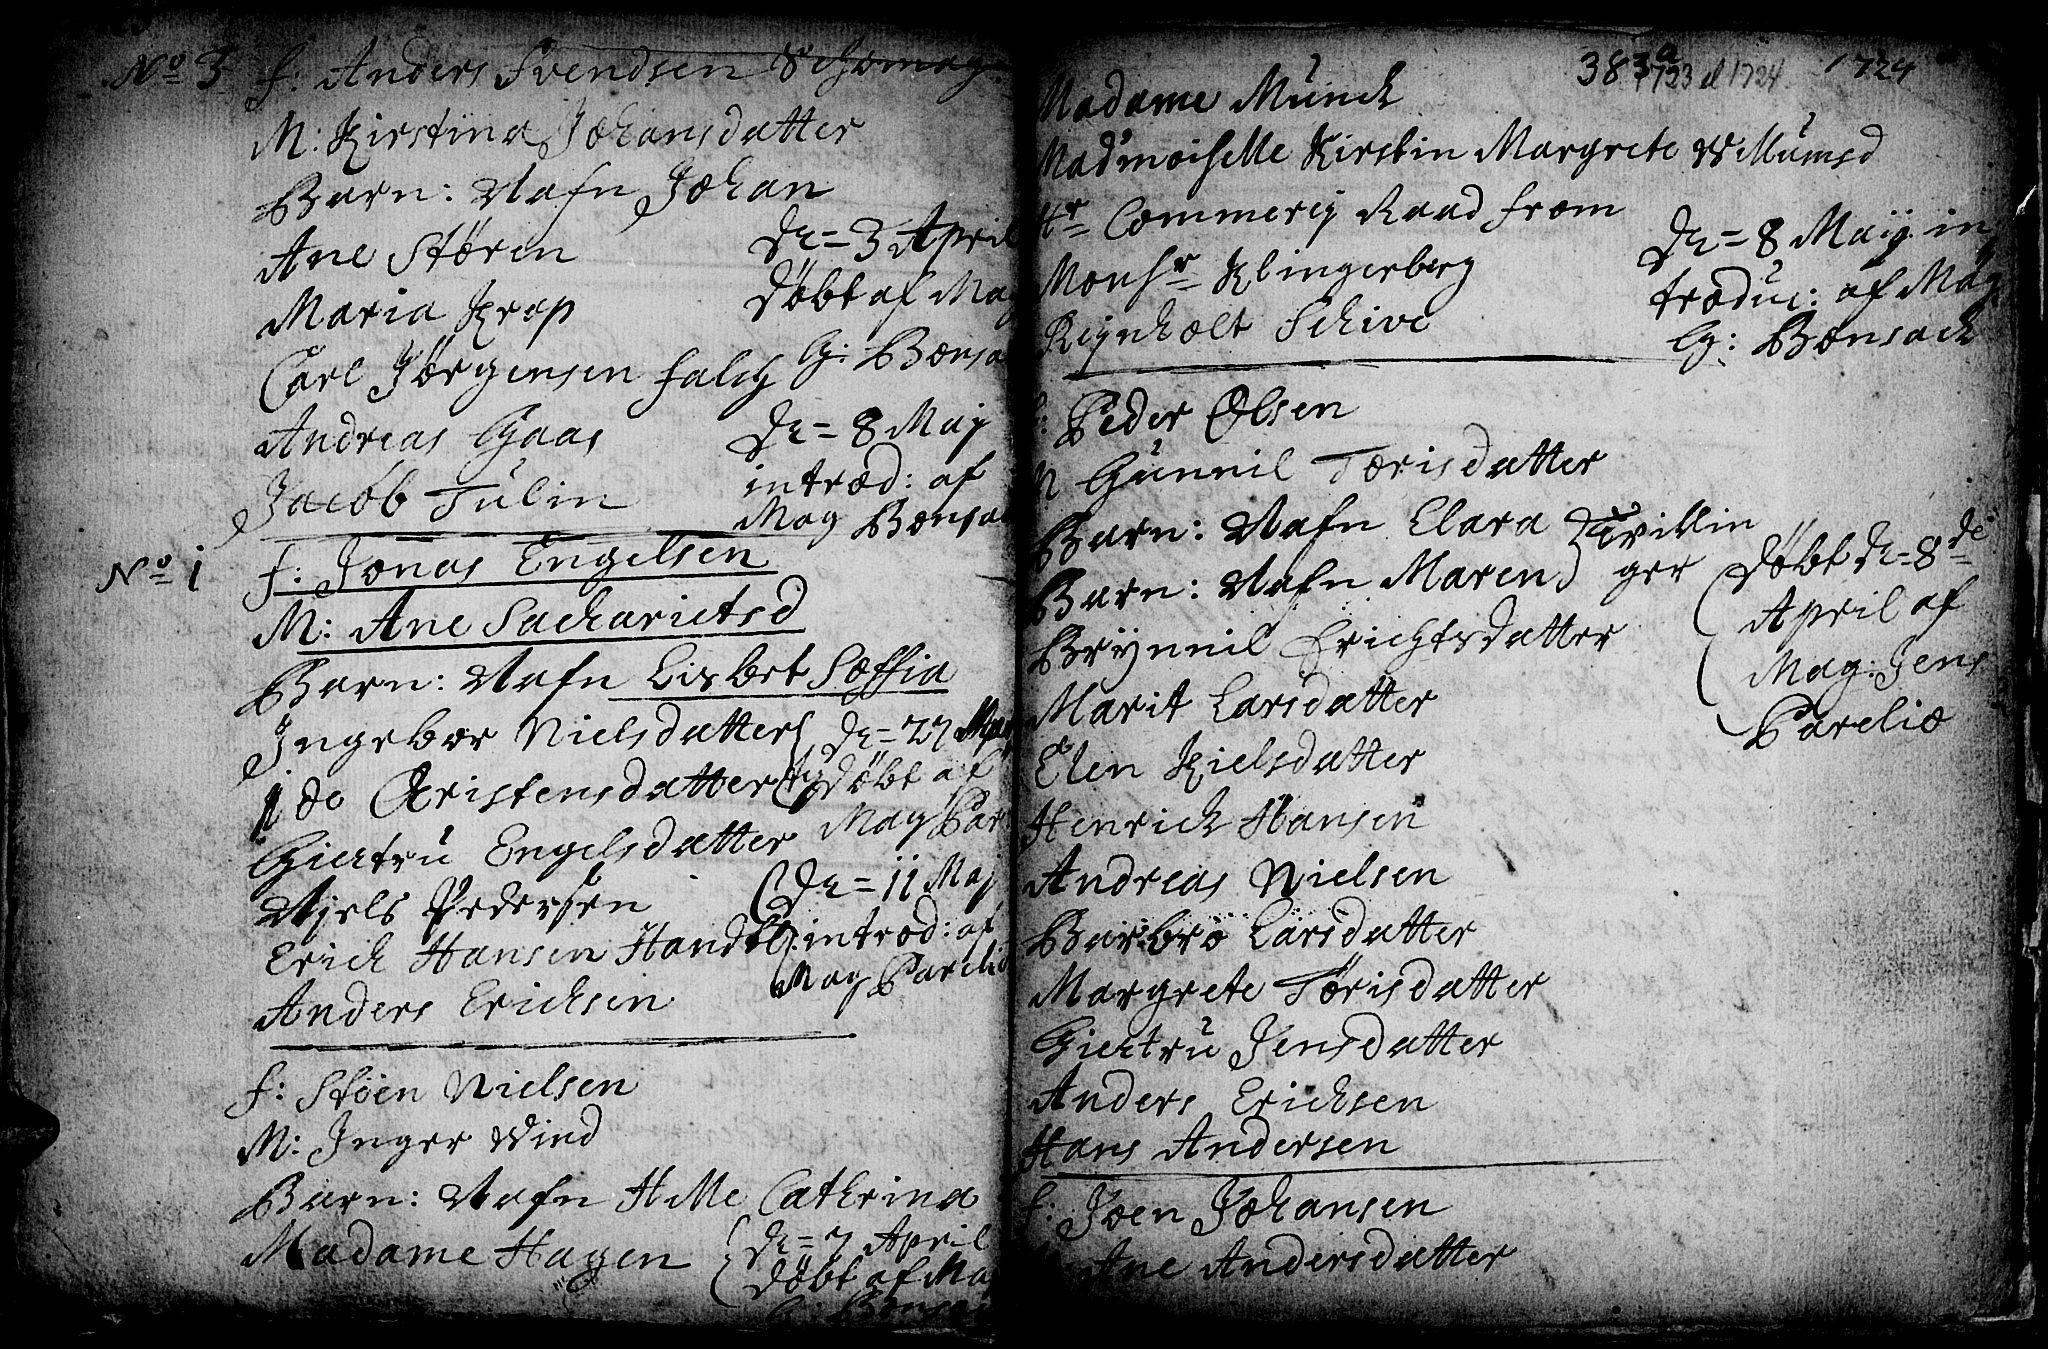 SAT, Ministerialprotokoller, klokkerbøker og fødselsregistre - Sør-Trøndelag, 601/L0035: Ministerialbok nr. 601A03, 1713-1728, s. 383b